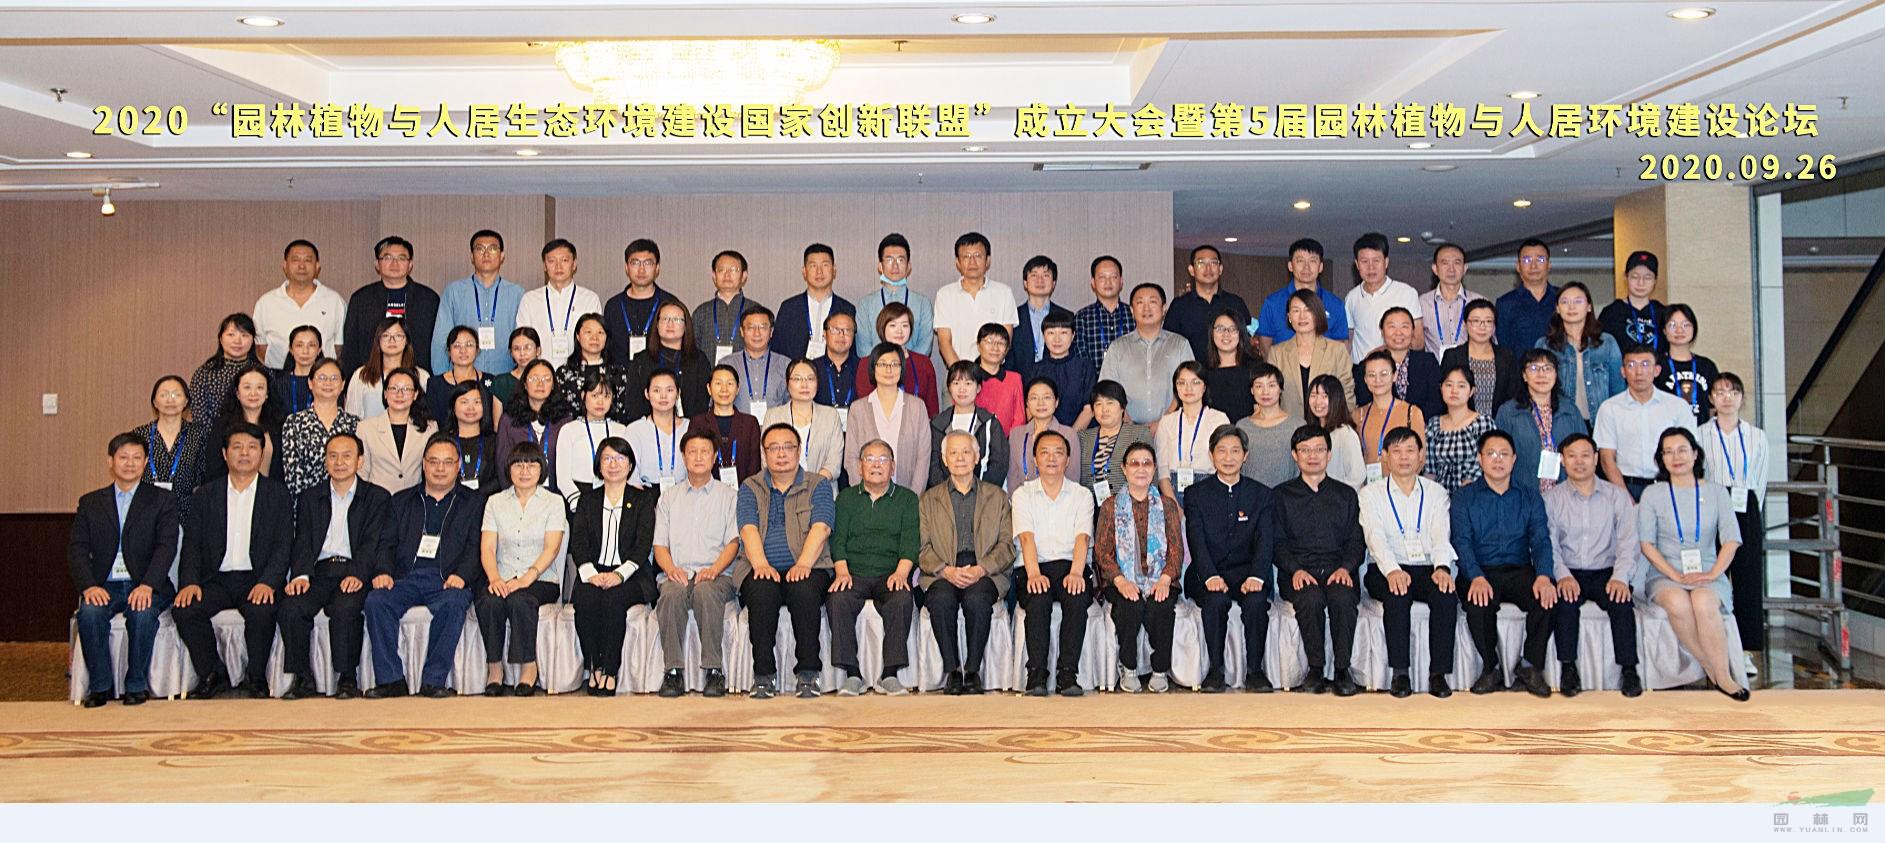 特别关注:园林植物与人居生态环境建设国家创新联盟在京成立